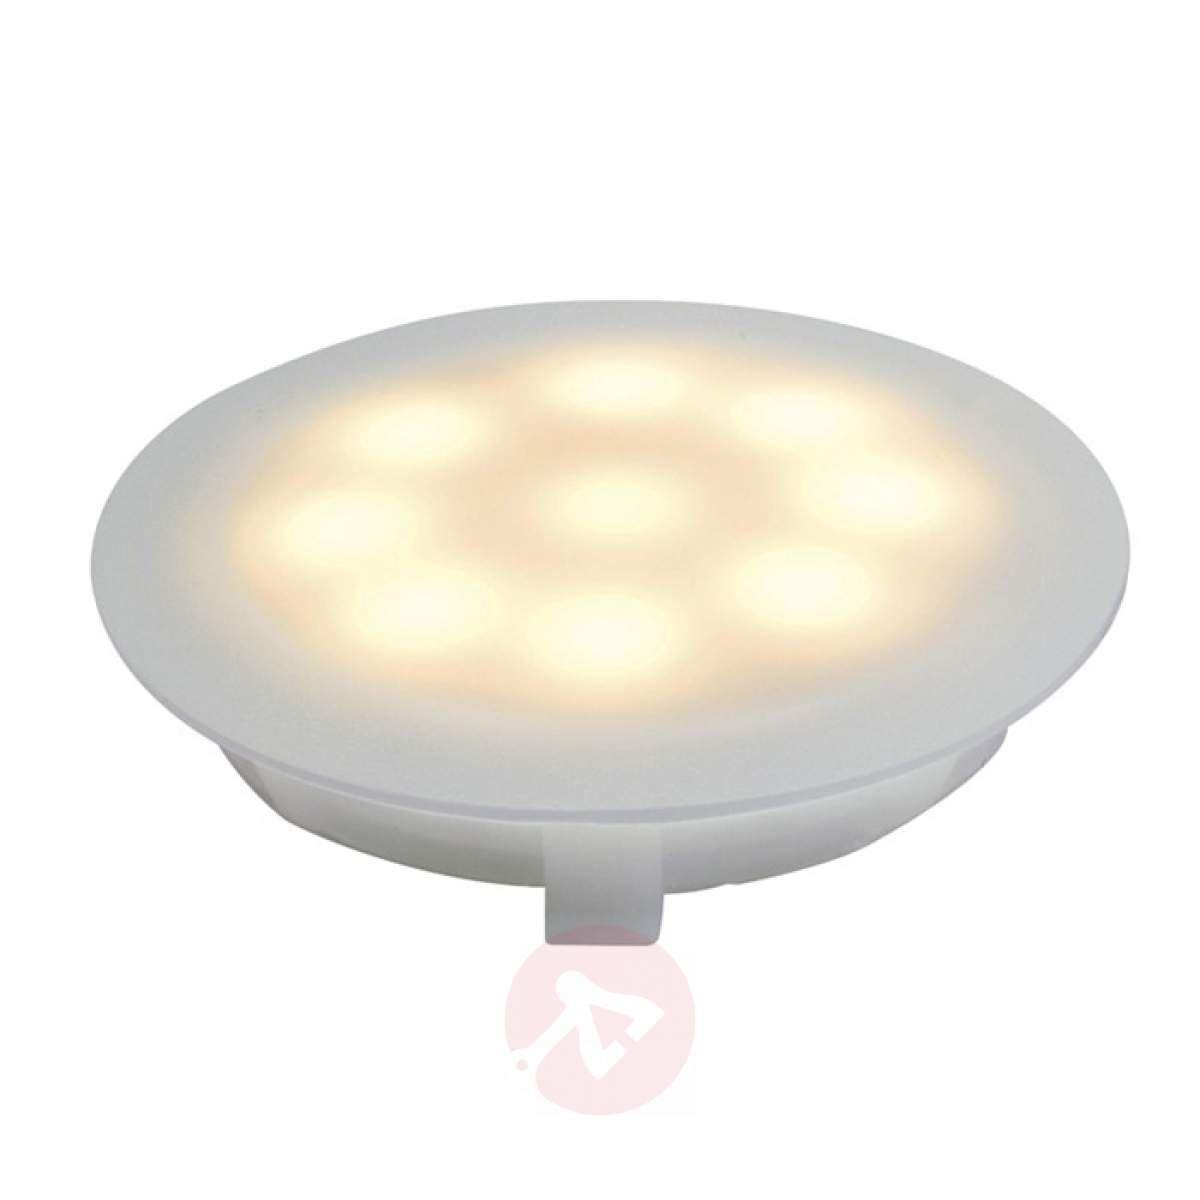 Oswietlenie Kinkiety Nowoczesne Lampa Scienna Do Lazienki Lampy Sufitowe Led 12v Kinkiety Zlote Designerskie Lampy Wiszace Led Garden Pots Inspiration